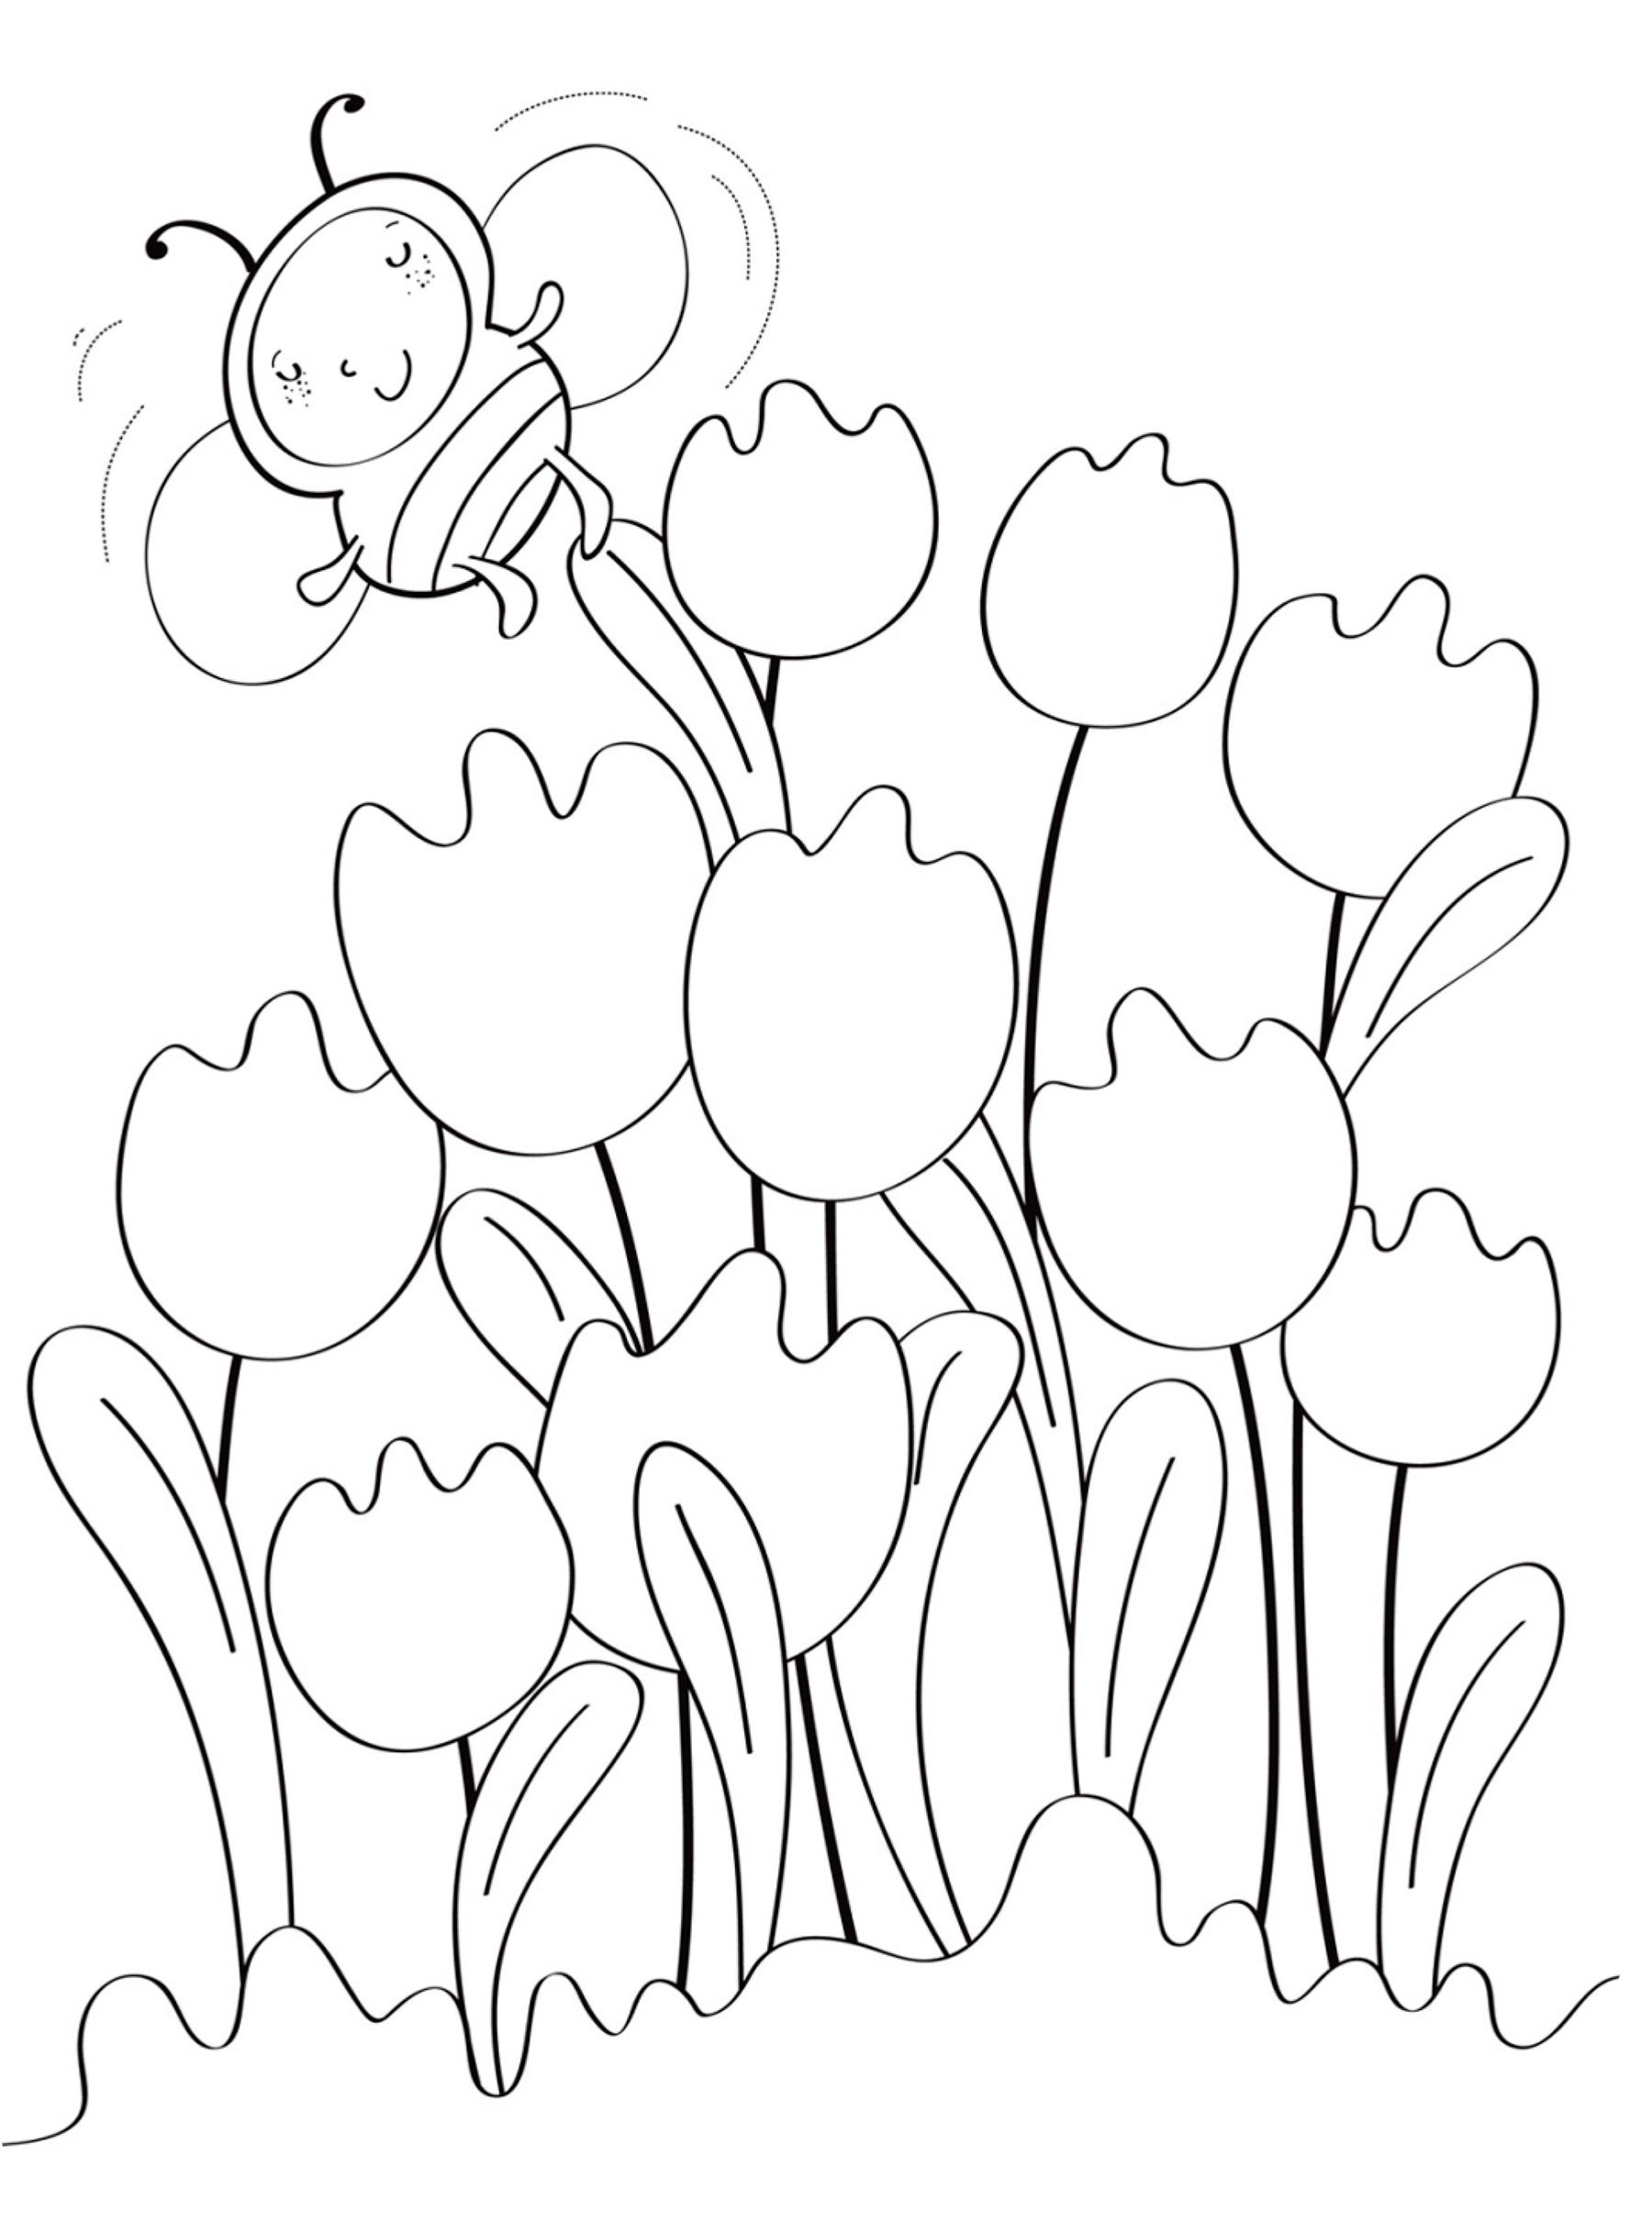 Раскраска Тюльпаны и пчелка распечатать или скачать бесплатно